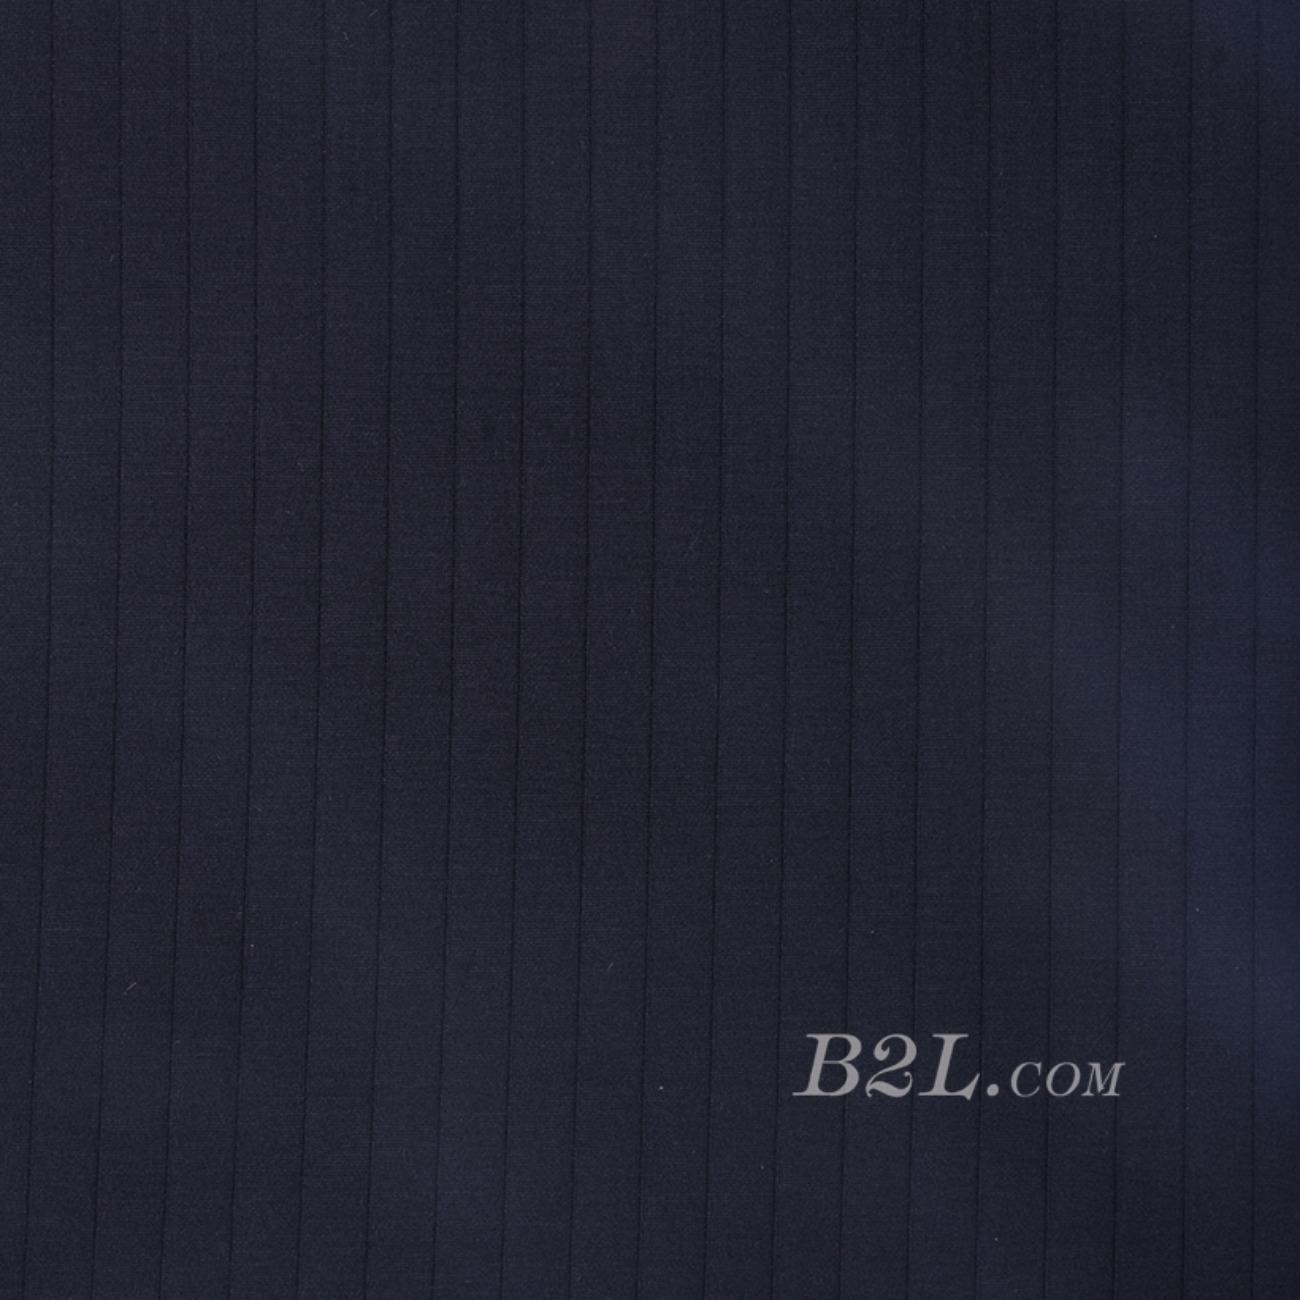 圆机针织纬编弹力条子面料—竖条T恤针织衫连衣裙棉感期货60311-51